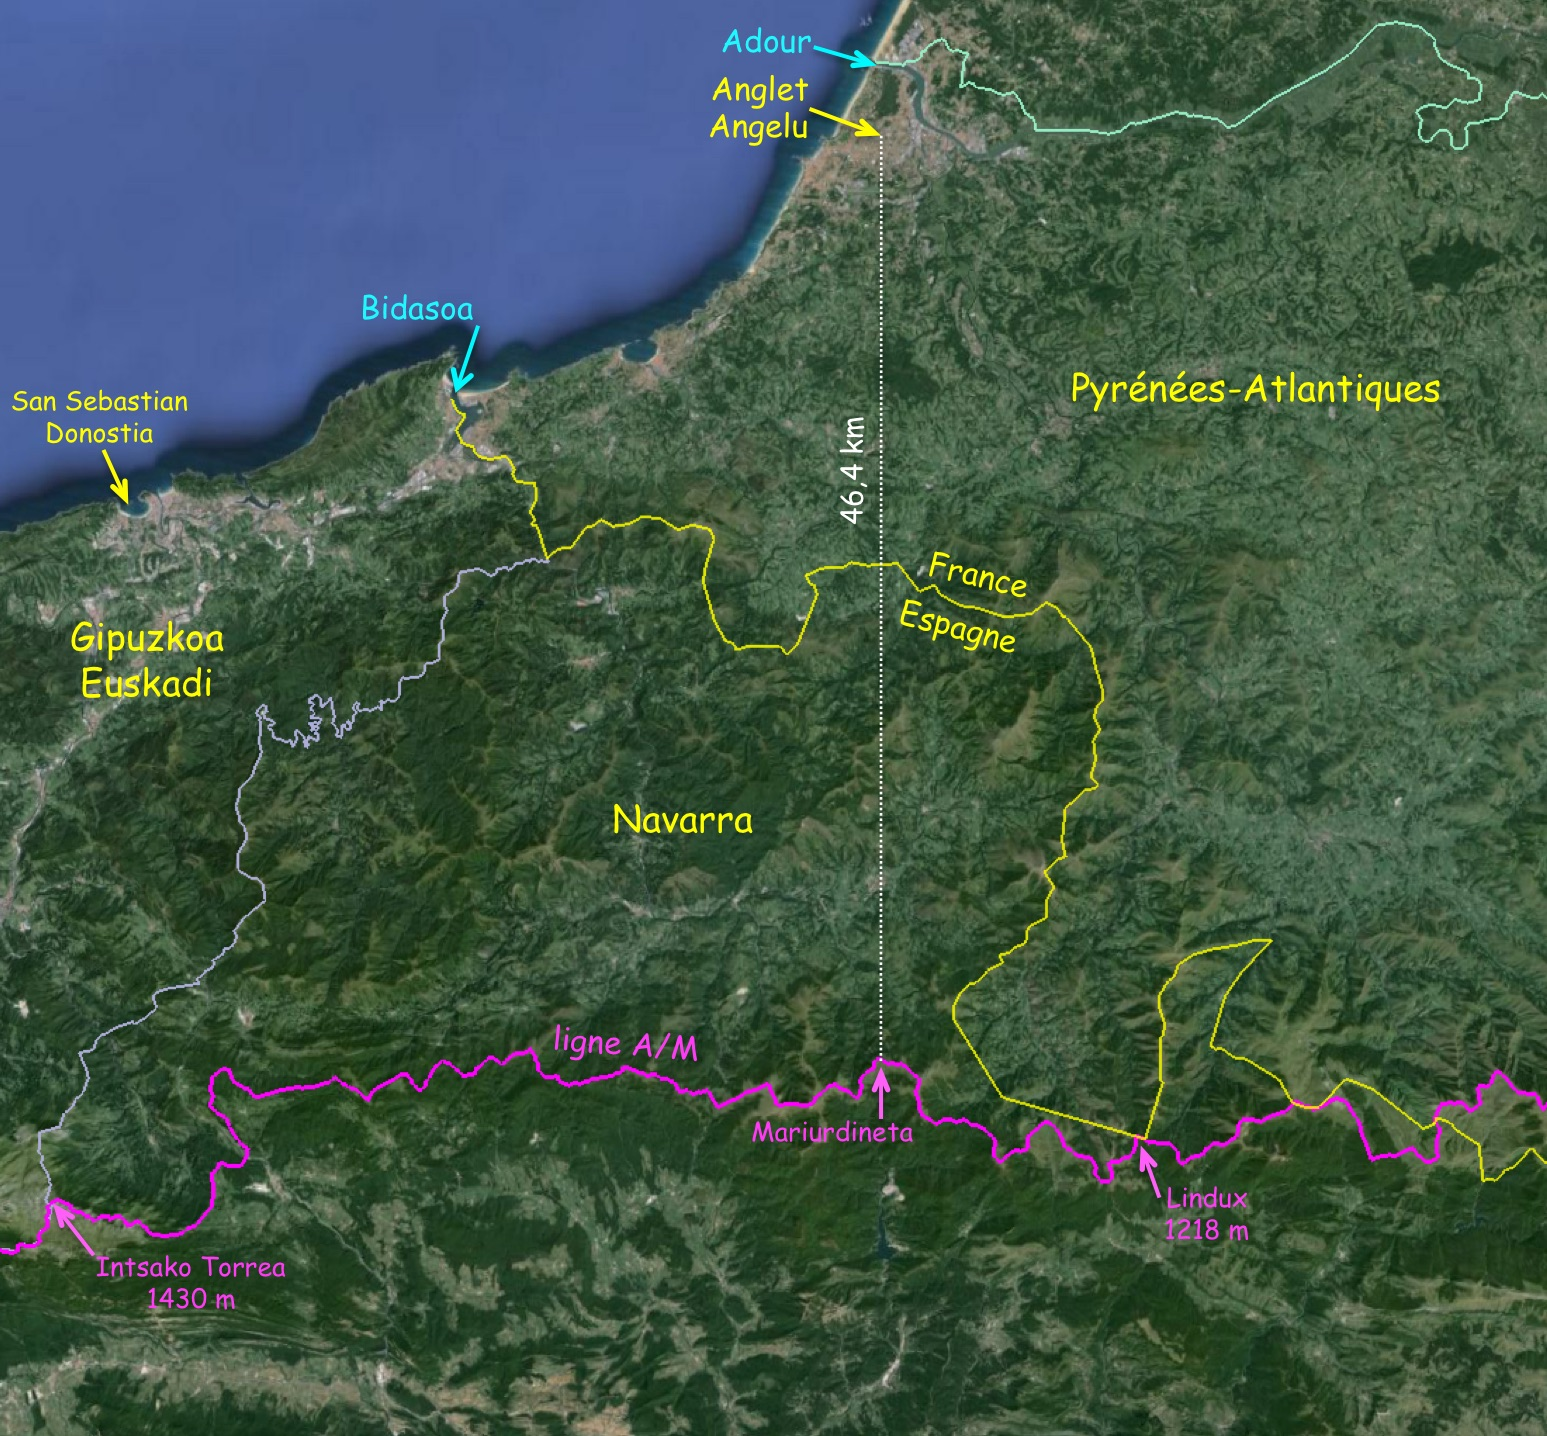 Anglet, siège social de l'association Ligne de Partage se trouve à 46,4 km de la ligne A/M à vol d'oiseau...